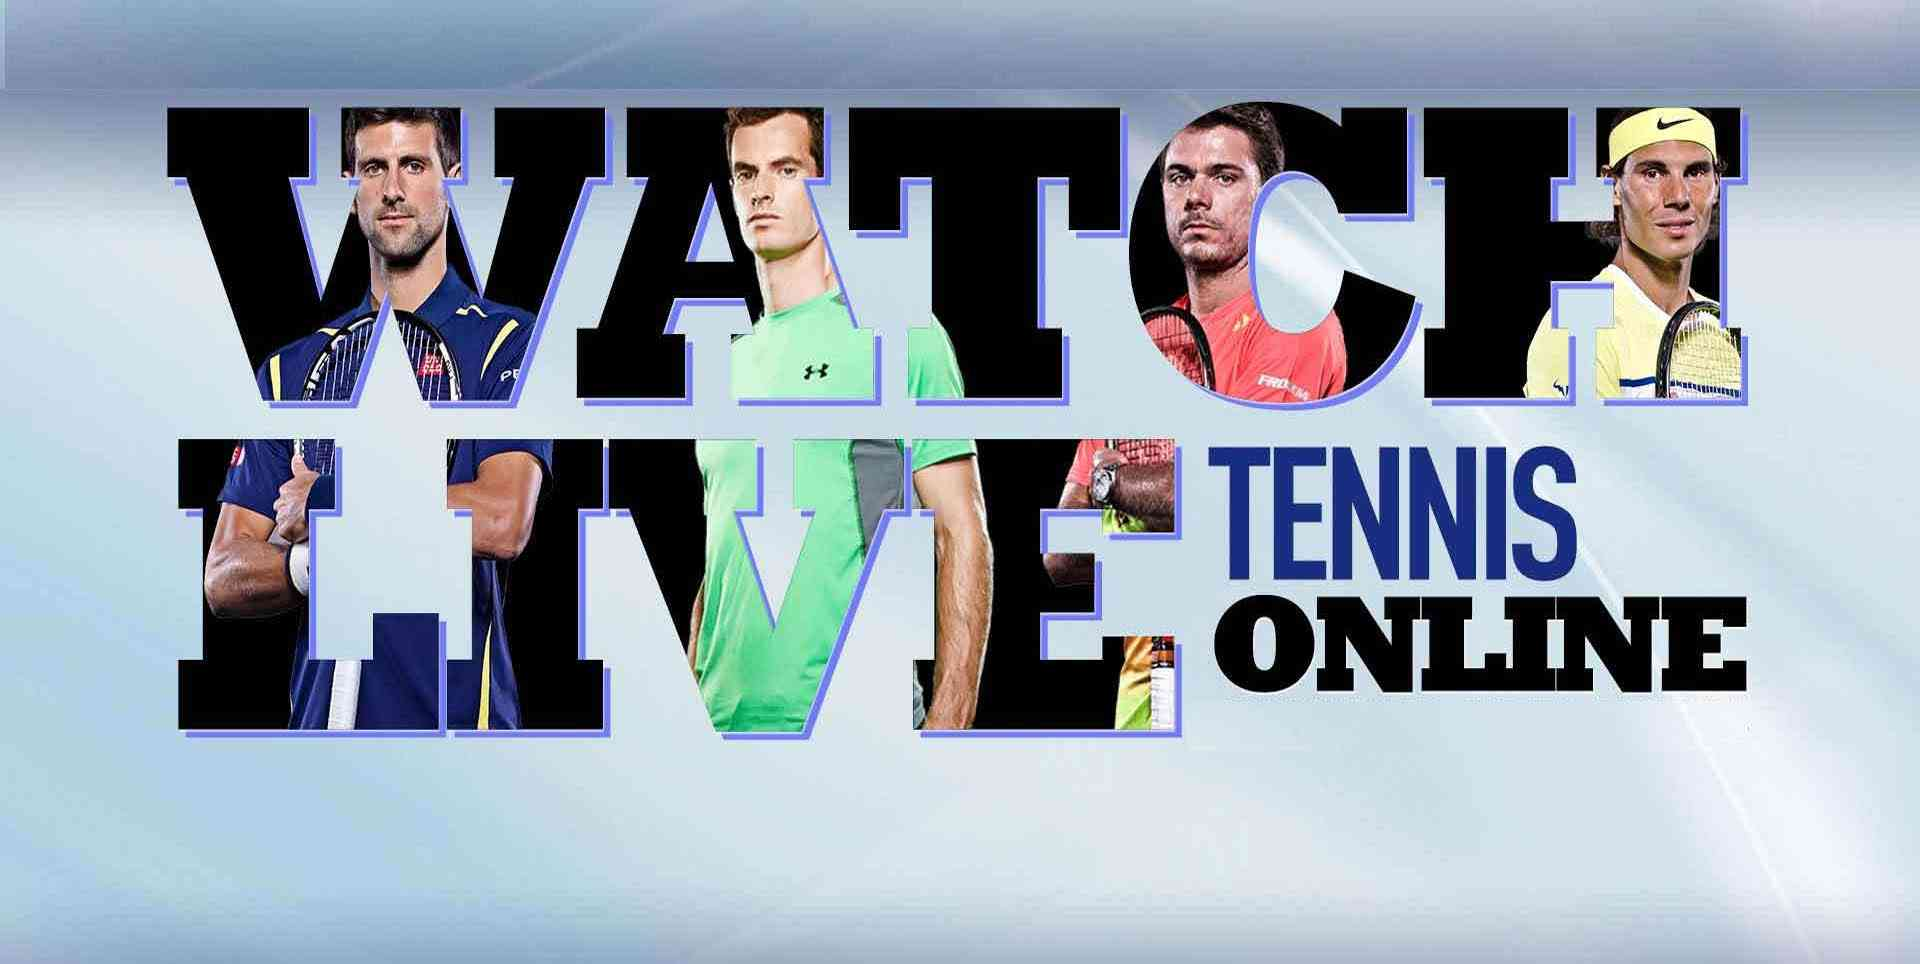 Watch 2nd Round S. Cirstea vs T. Pereira Online